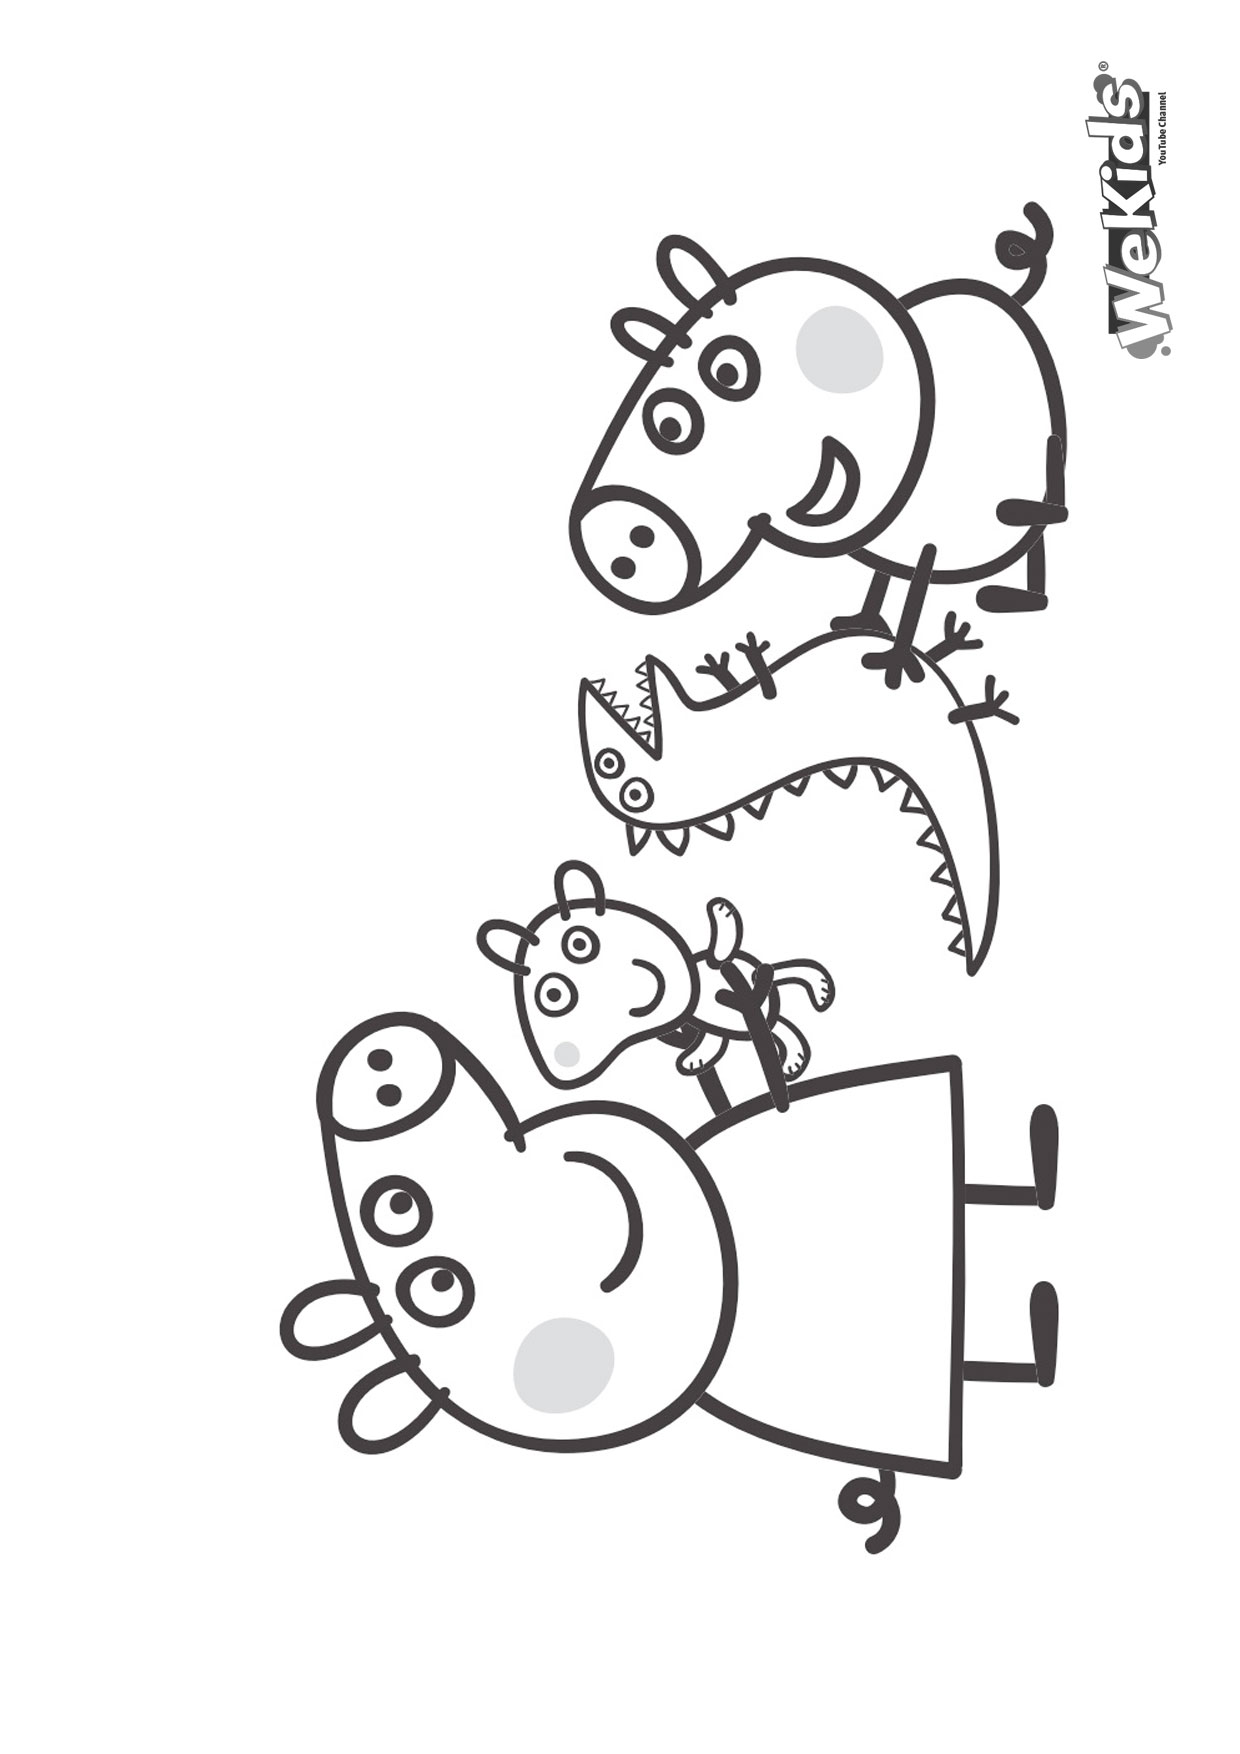 Dibujar Y Colorear A Peppa Pig Y George Pig Wekids